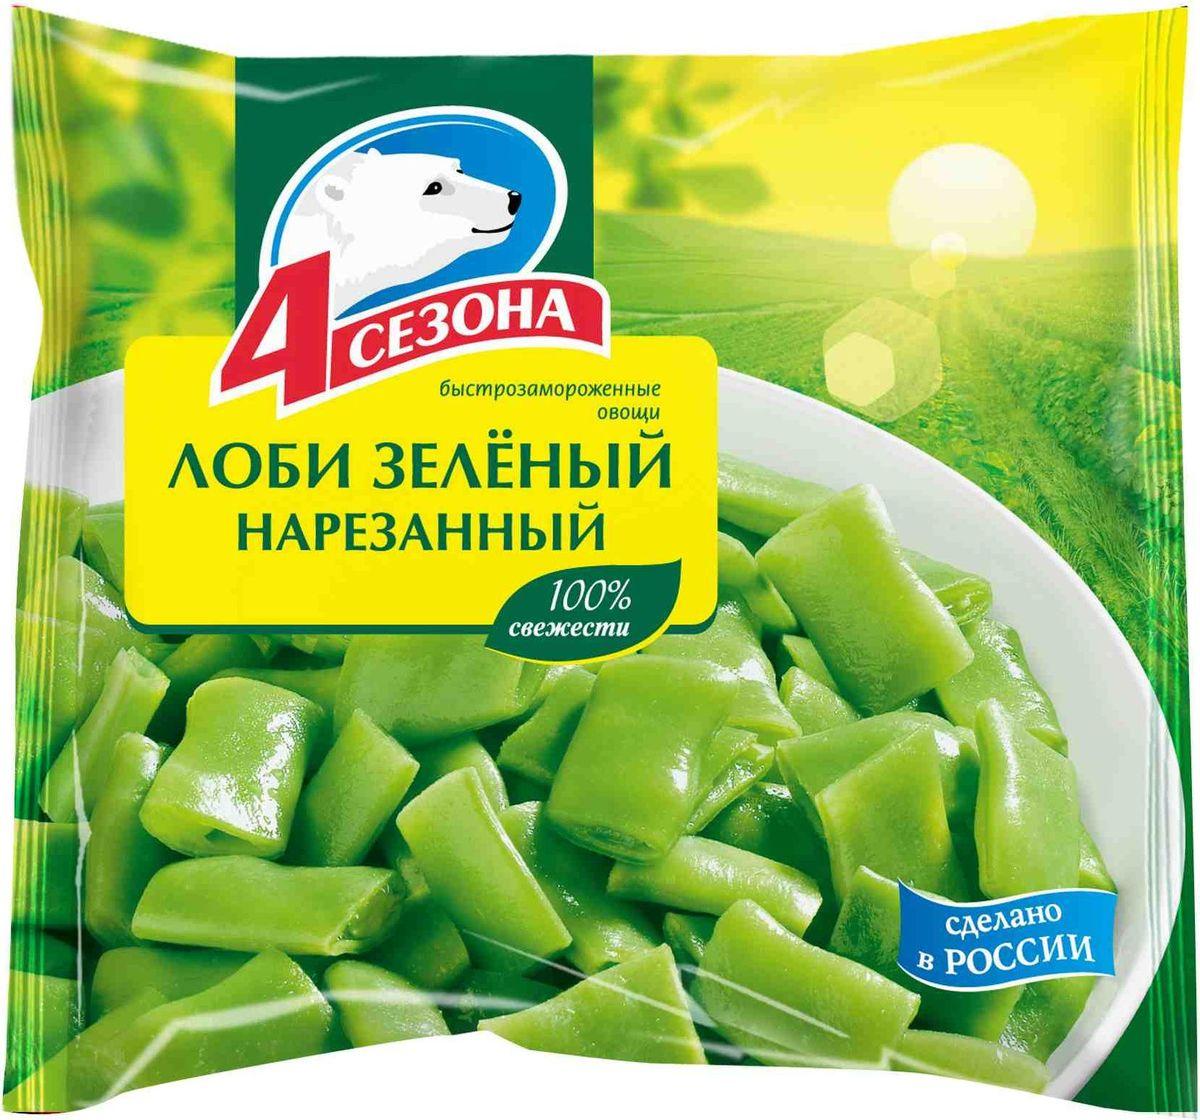 4 Сезона Лоби зеленый нарезанный, 400 г3601095Не размораживать перед приготовлением. Желаемое количество продукта готовить по выбранной рецептуре так же, как и свежие овощи.